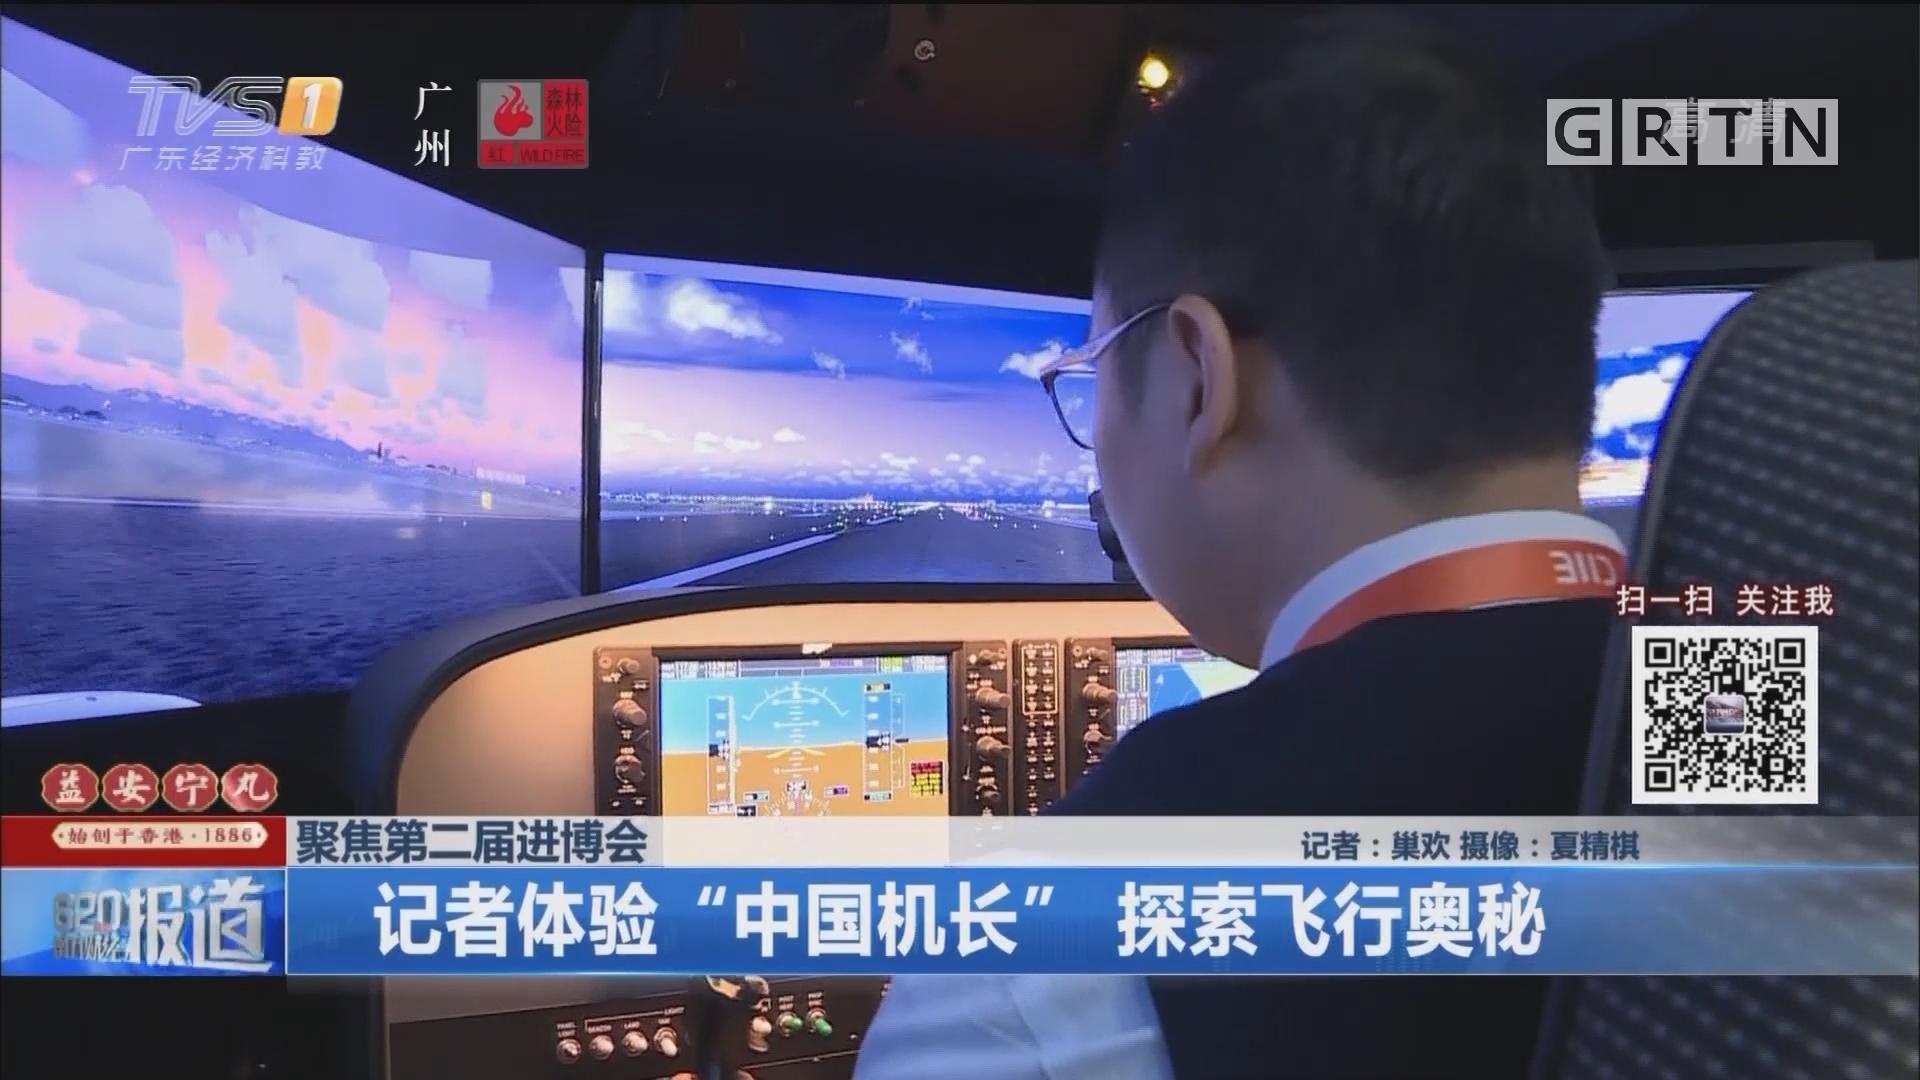 """聚焦第二届进博会:记者体验""""中国机长"""" 探索飞行奥秘"""